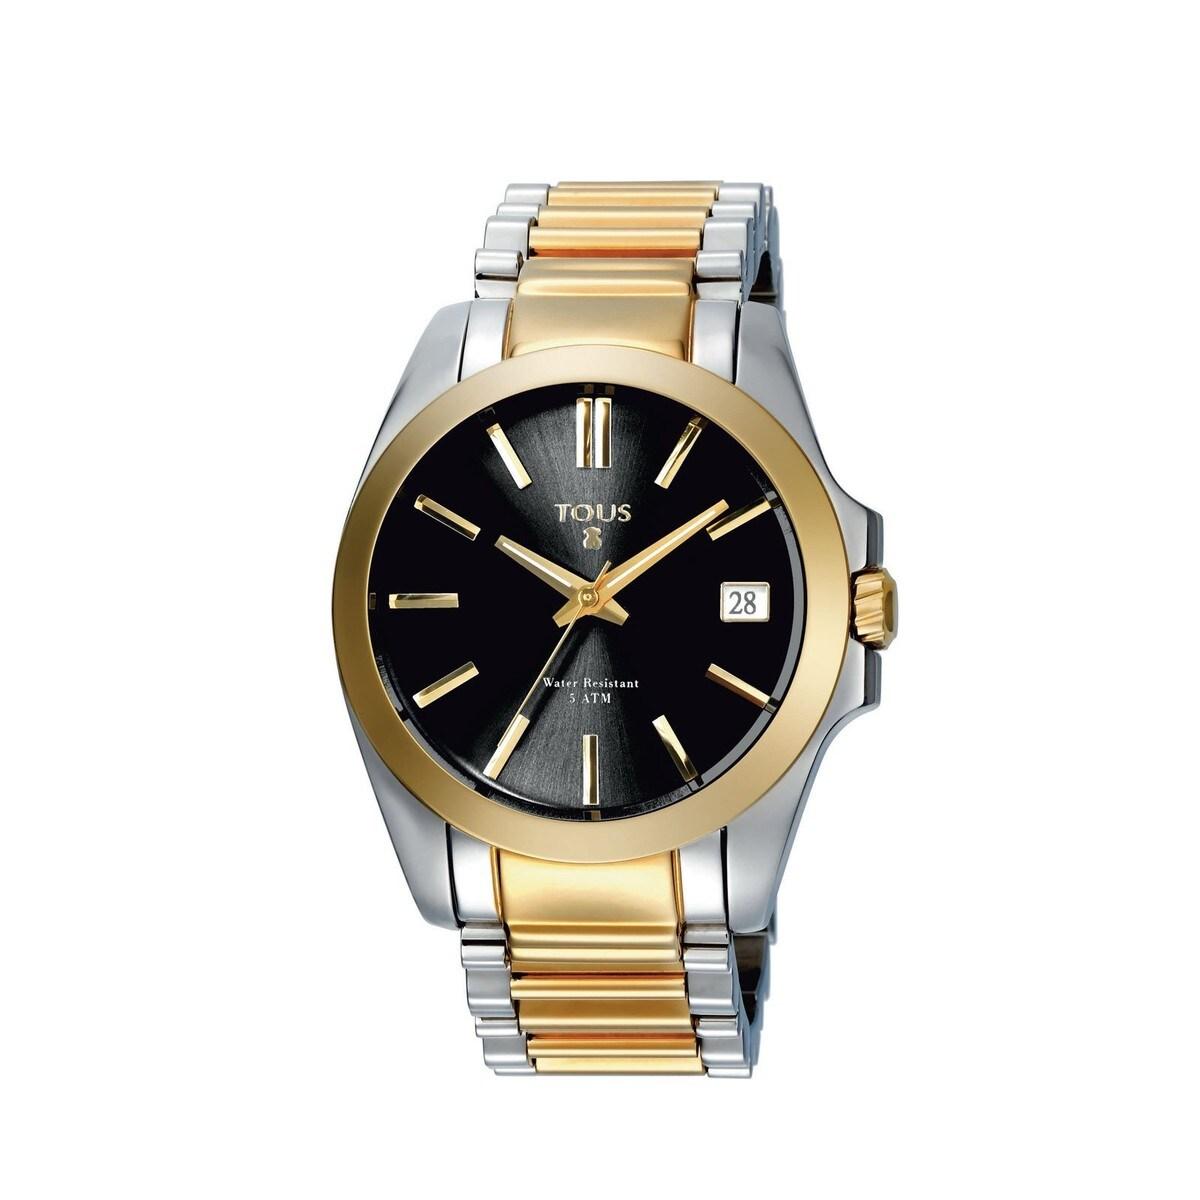 Zweifarbige Uhr Drive Combi aus IP Stahl in goldfarben